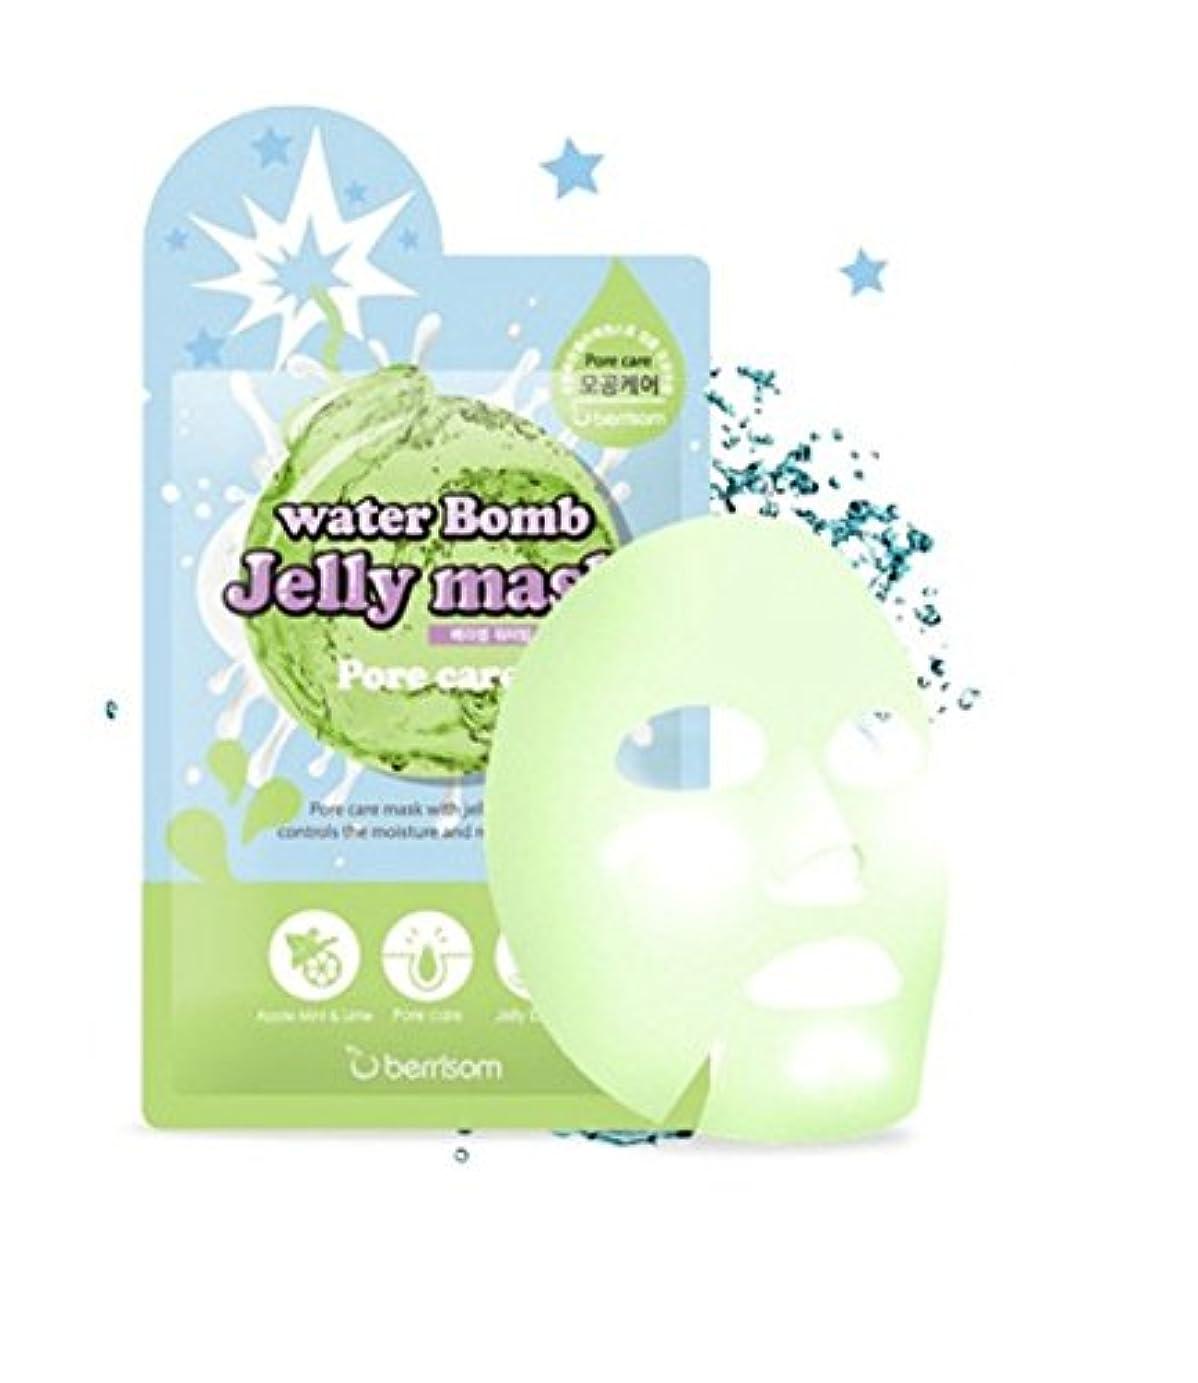 選出するアデレード予測ベリサム(berrisom) ウォーター爆弾ジェリーマスクパック Water Bomb Jelly Mask #毛穴ケアー